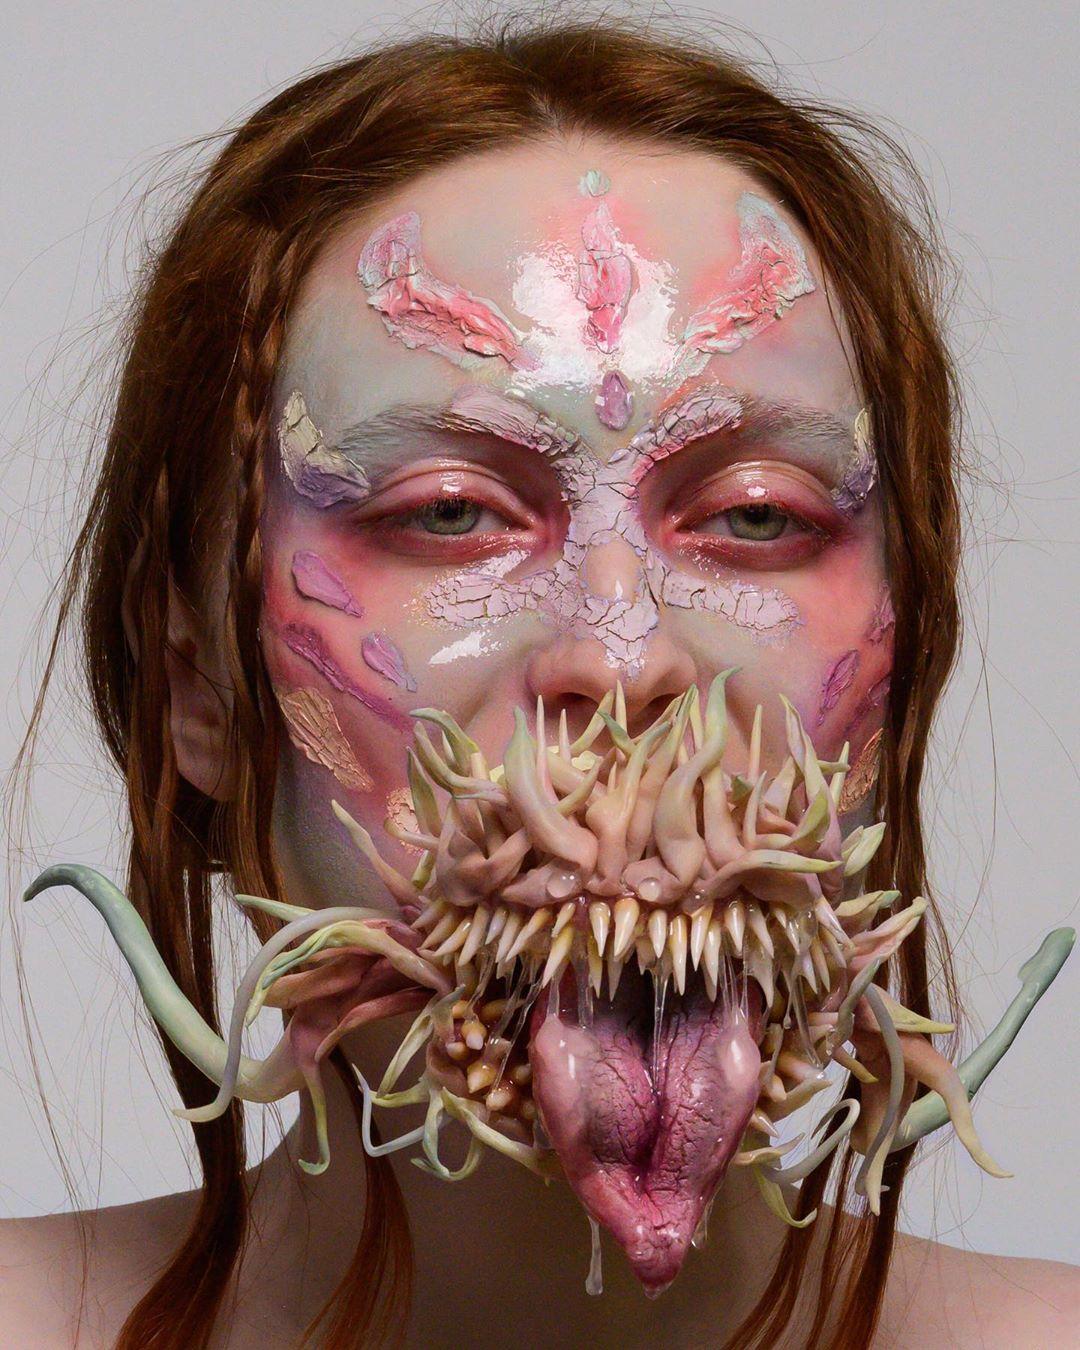 Conoce a Xenia Valevskaya, la makeup artist que crea arte surrealista distópico